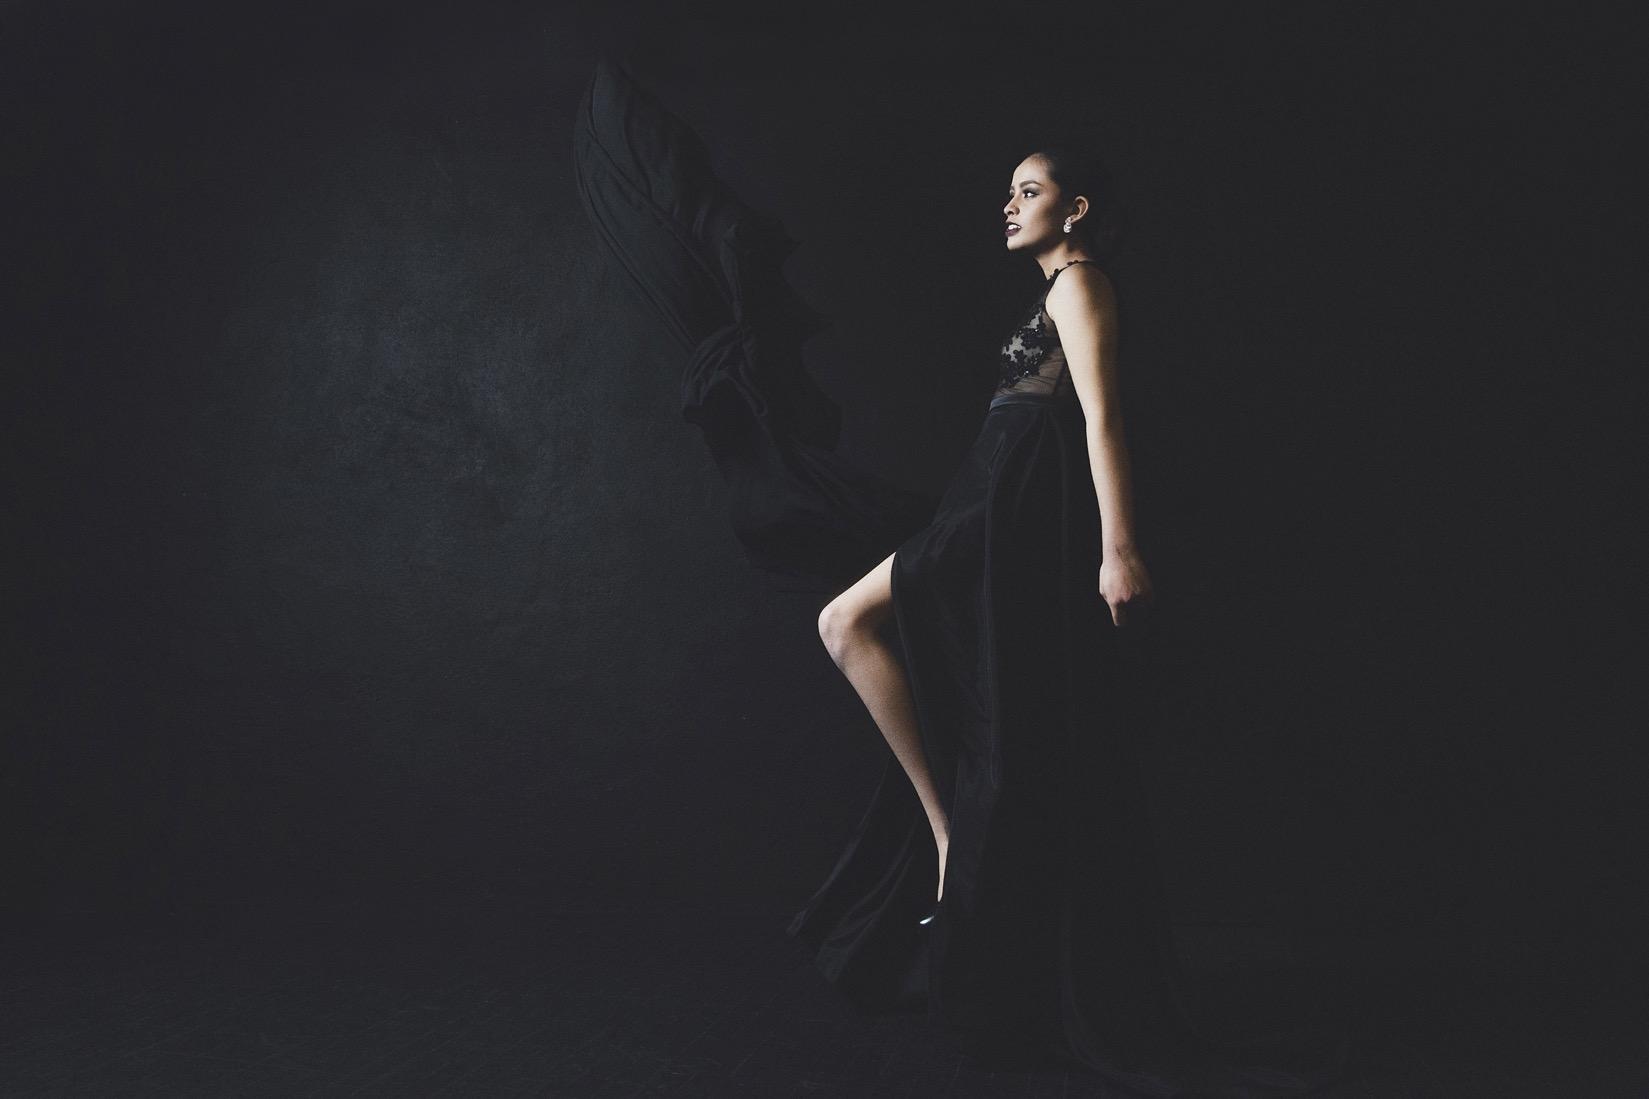 fotografo_profesional_bodas_zacatecas_casual_teatro_calderon_fashion-3